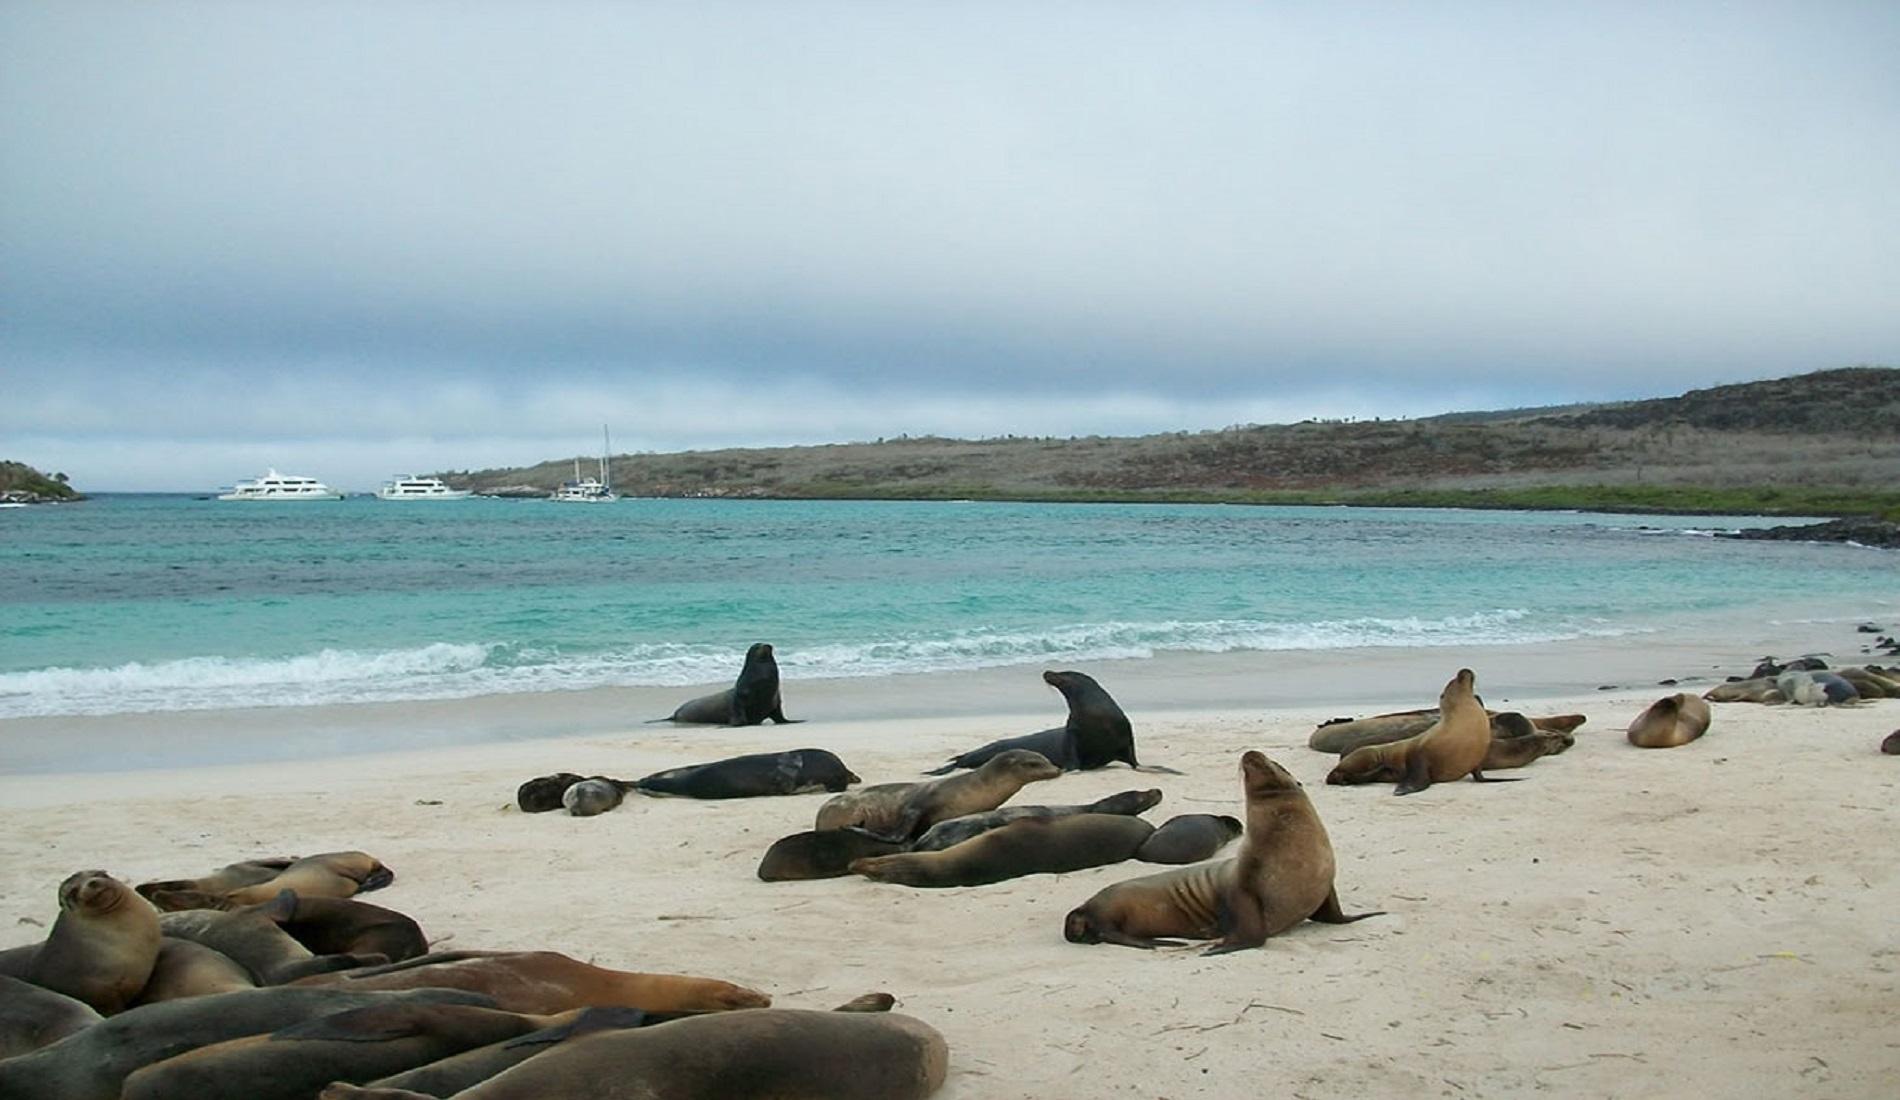 duikcruise galapagos eilanden lobos island